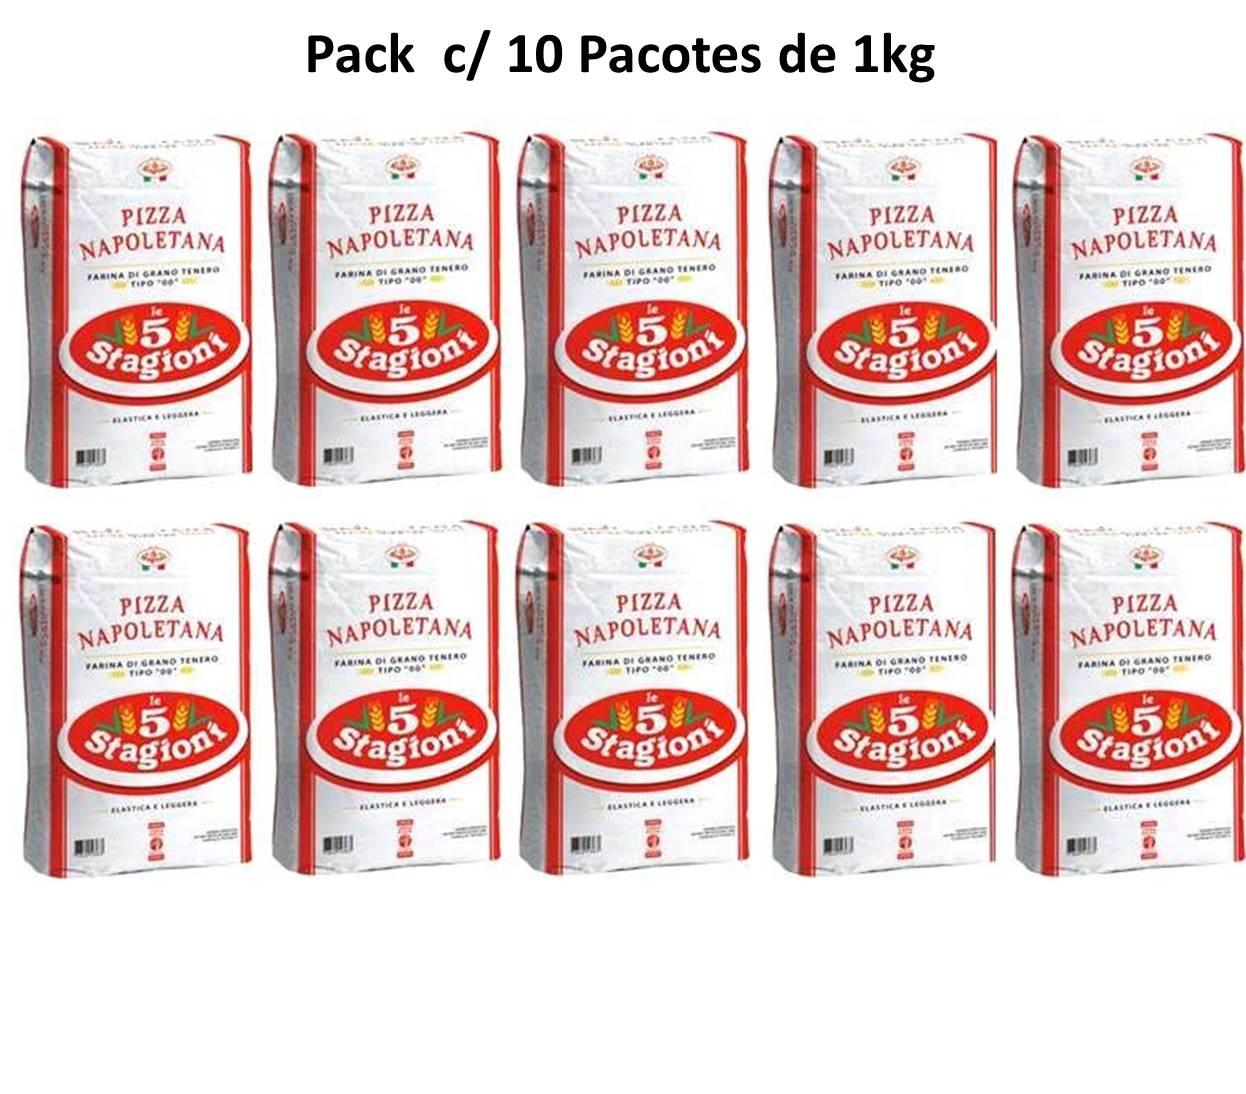 Farinha 00 Napolitana Le 5 Stagioni - Pack c/ 10 pacotes de 1kg